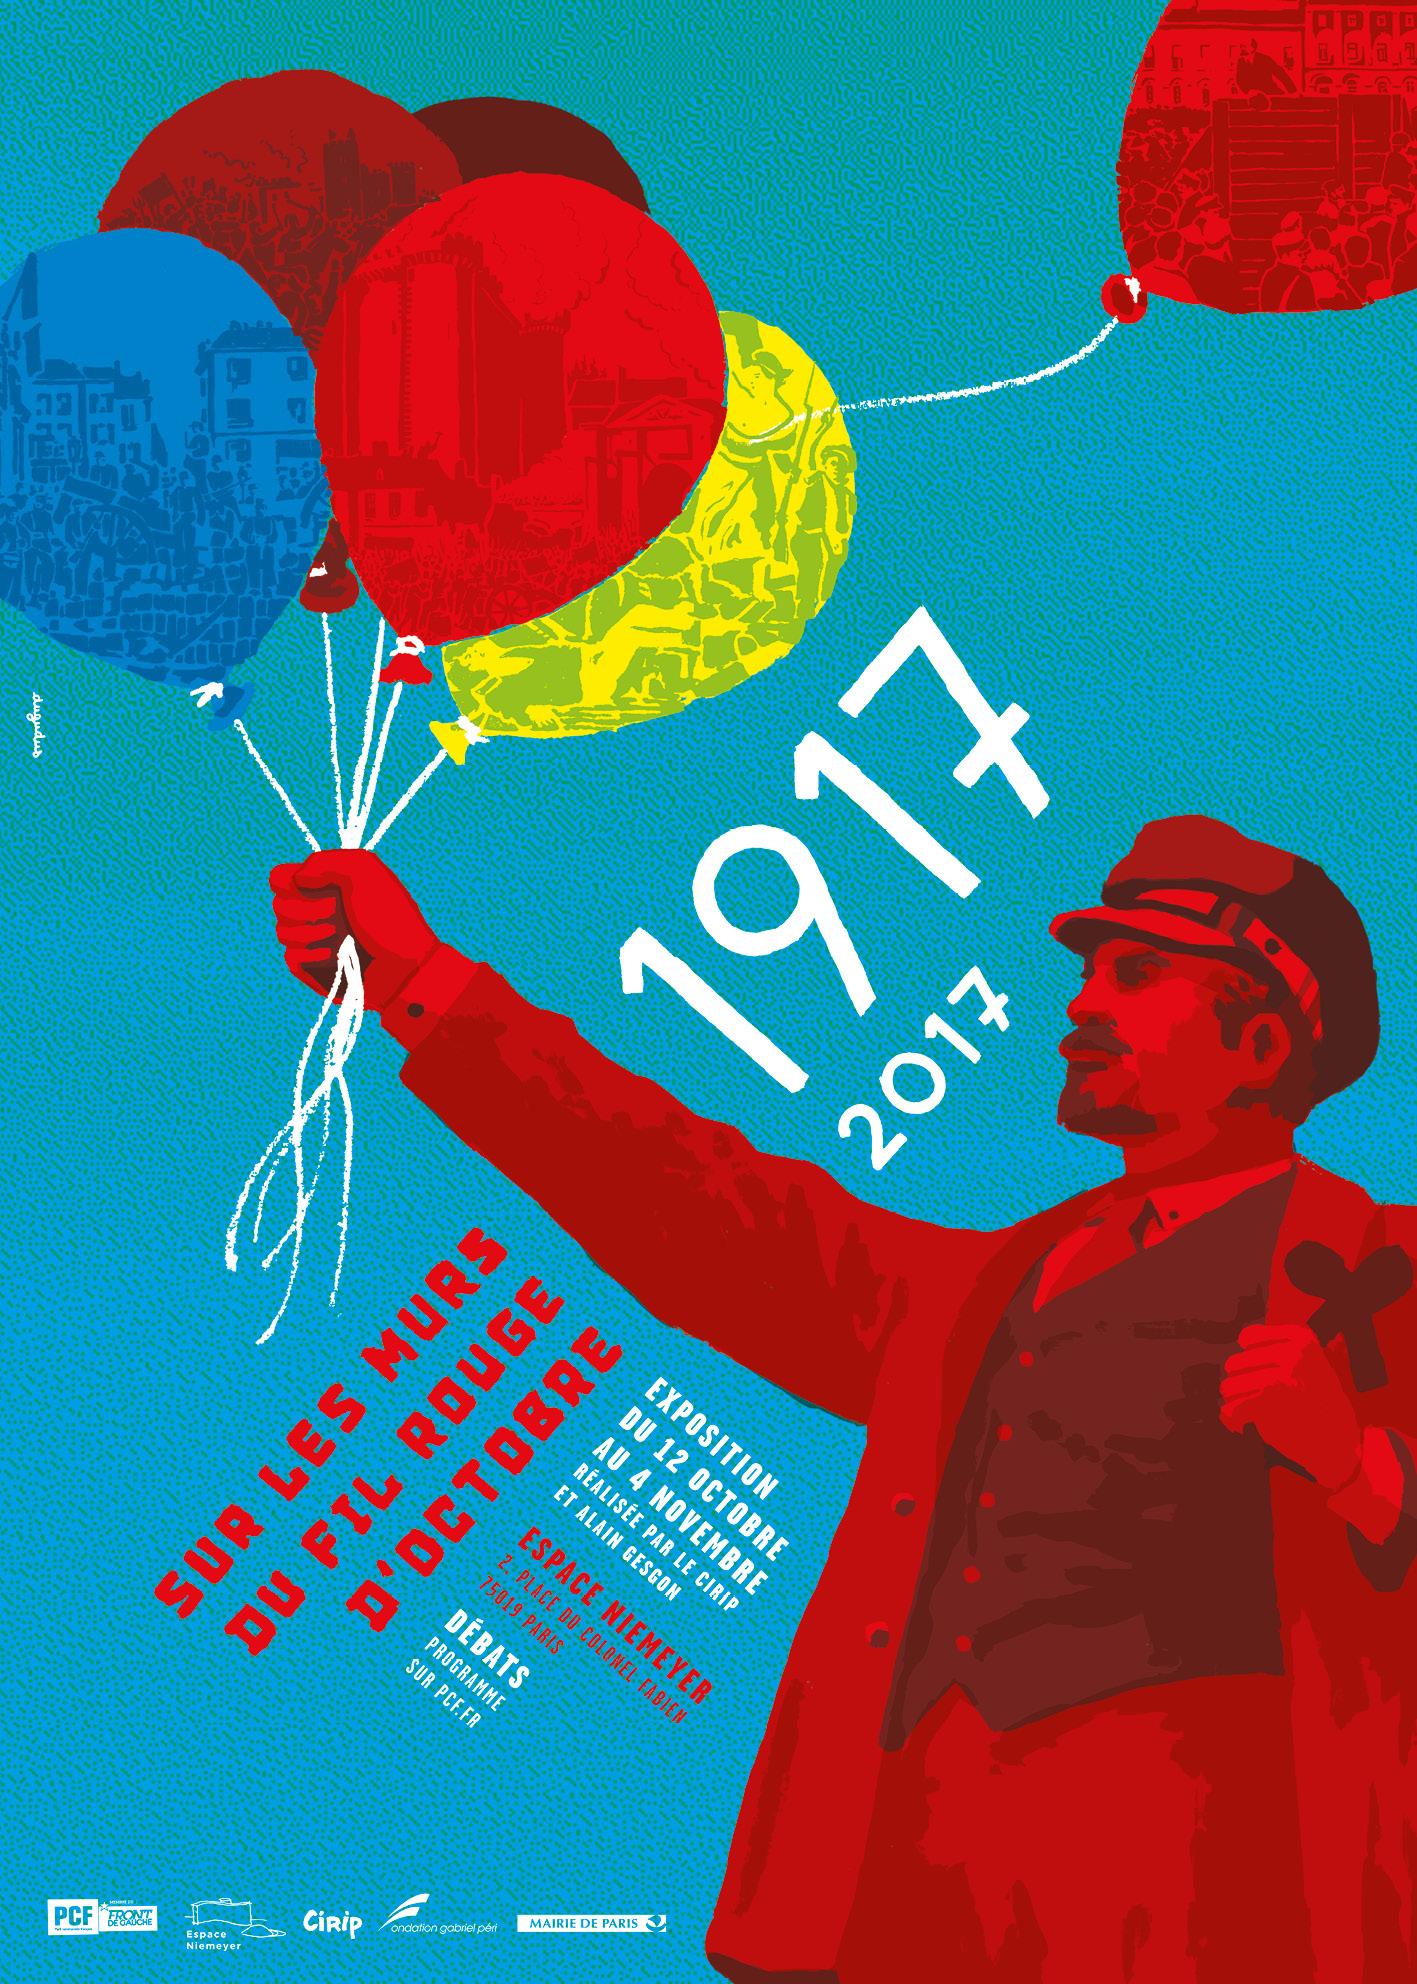 affiche-1917-dugudus-4.jpg